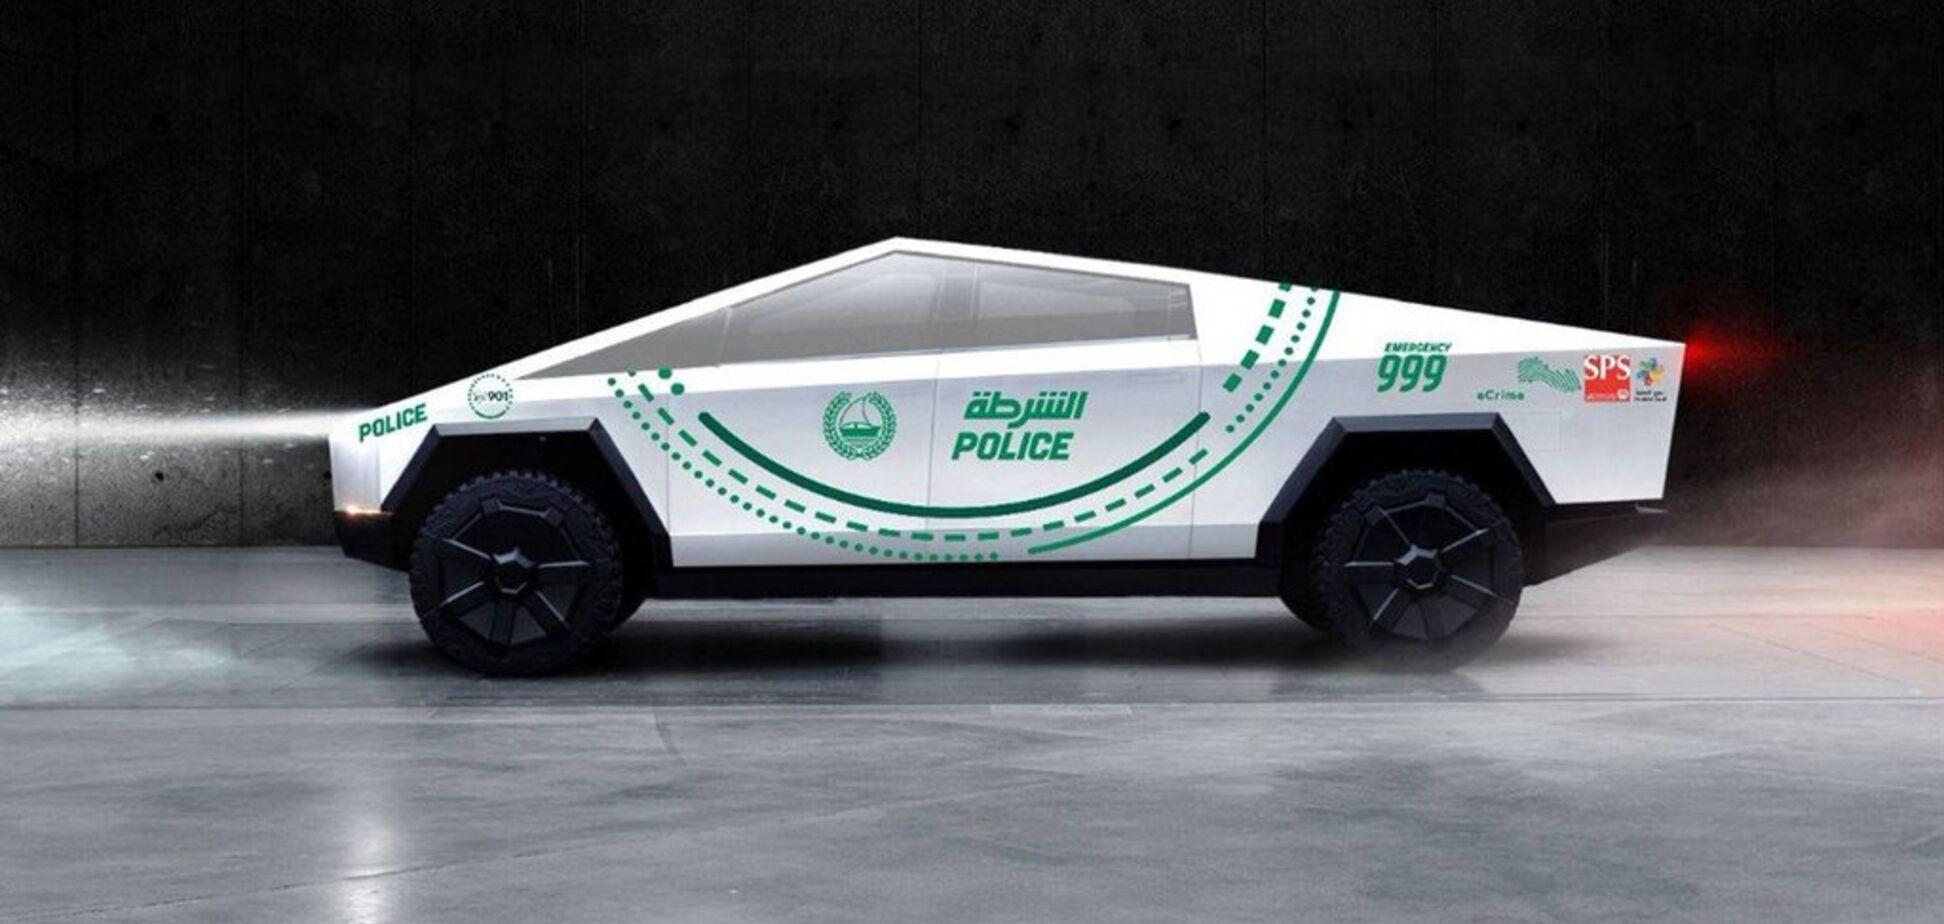 Найбагатша поліція світу закупить Tesla Cybertruck: електрокари отримають унікальний дизайн